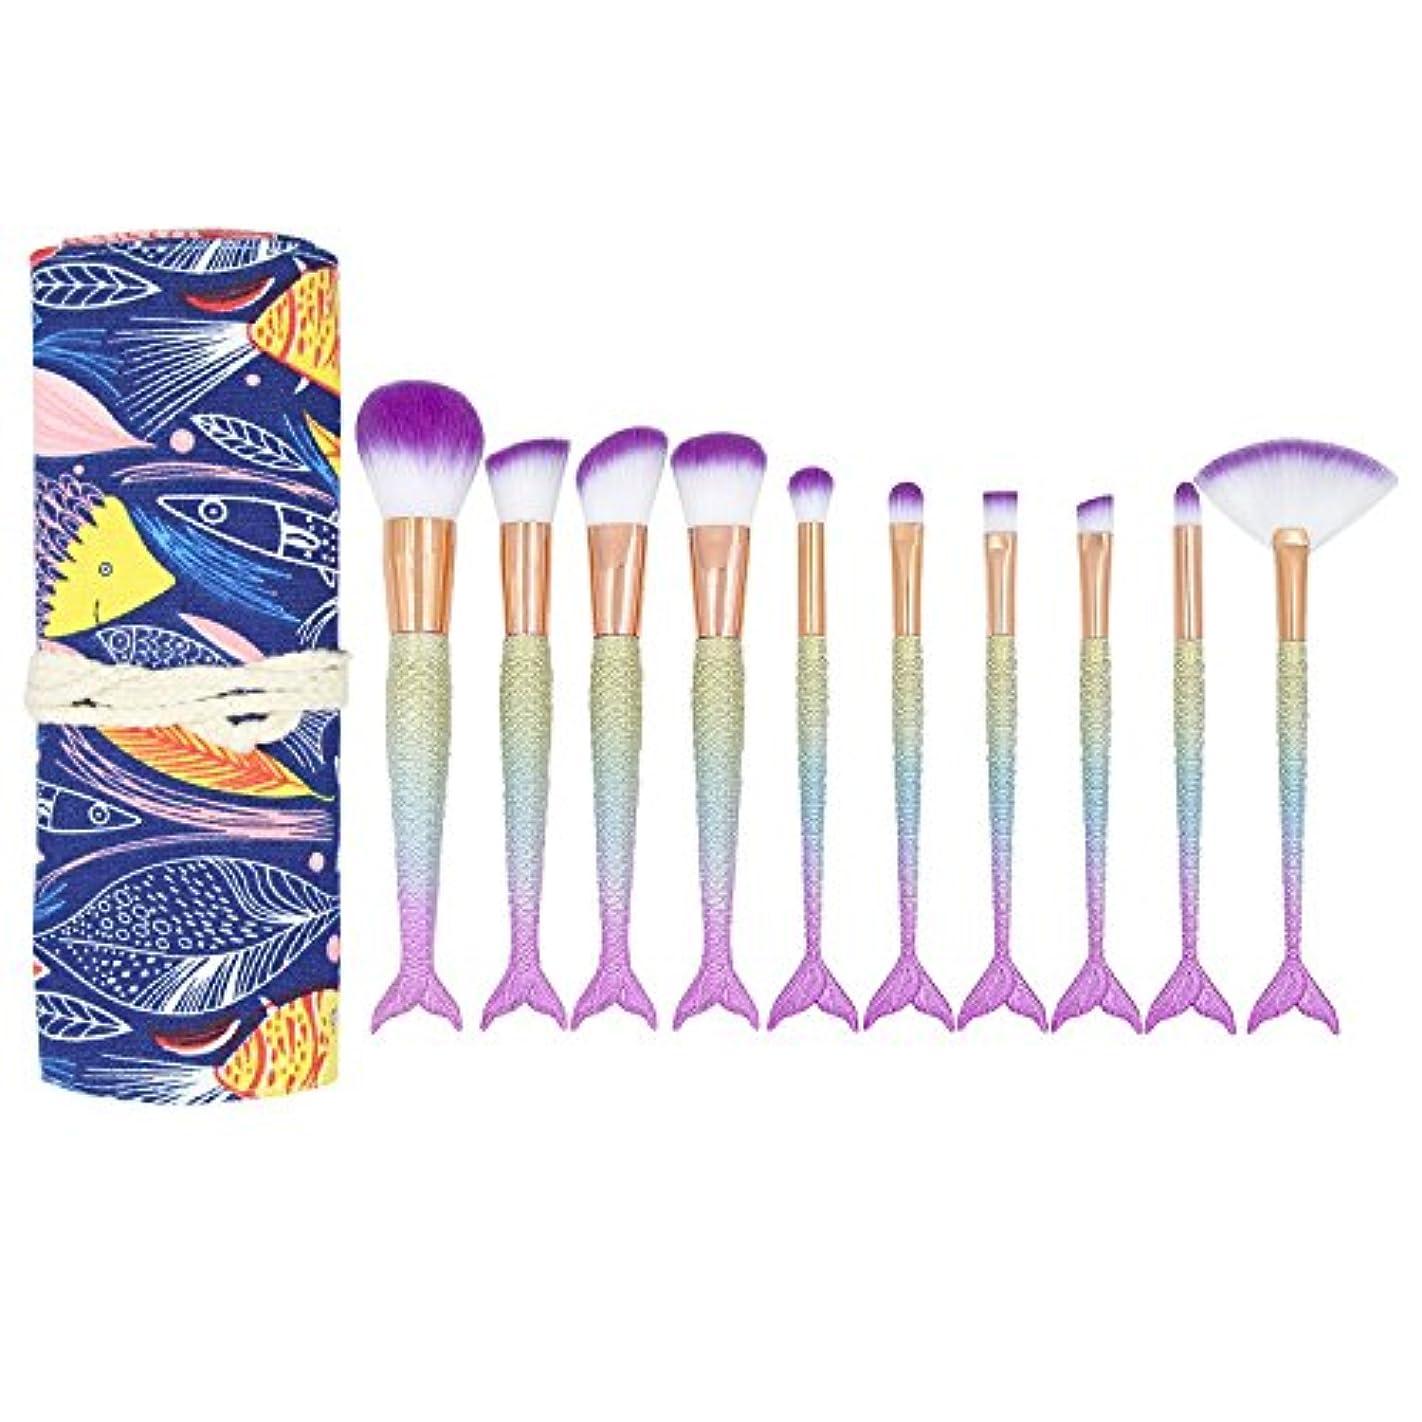 博物館望みスパーク人魚姫 メイクブラシセット 10本セット 専用手作りの布芸化粧ポーチ付き 人気 化粧ブラシ ふわふわ お肌に優しい 毛量たっぷり メイク道具 プレゼント